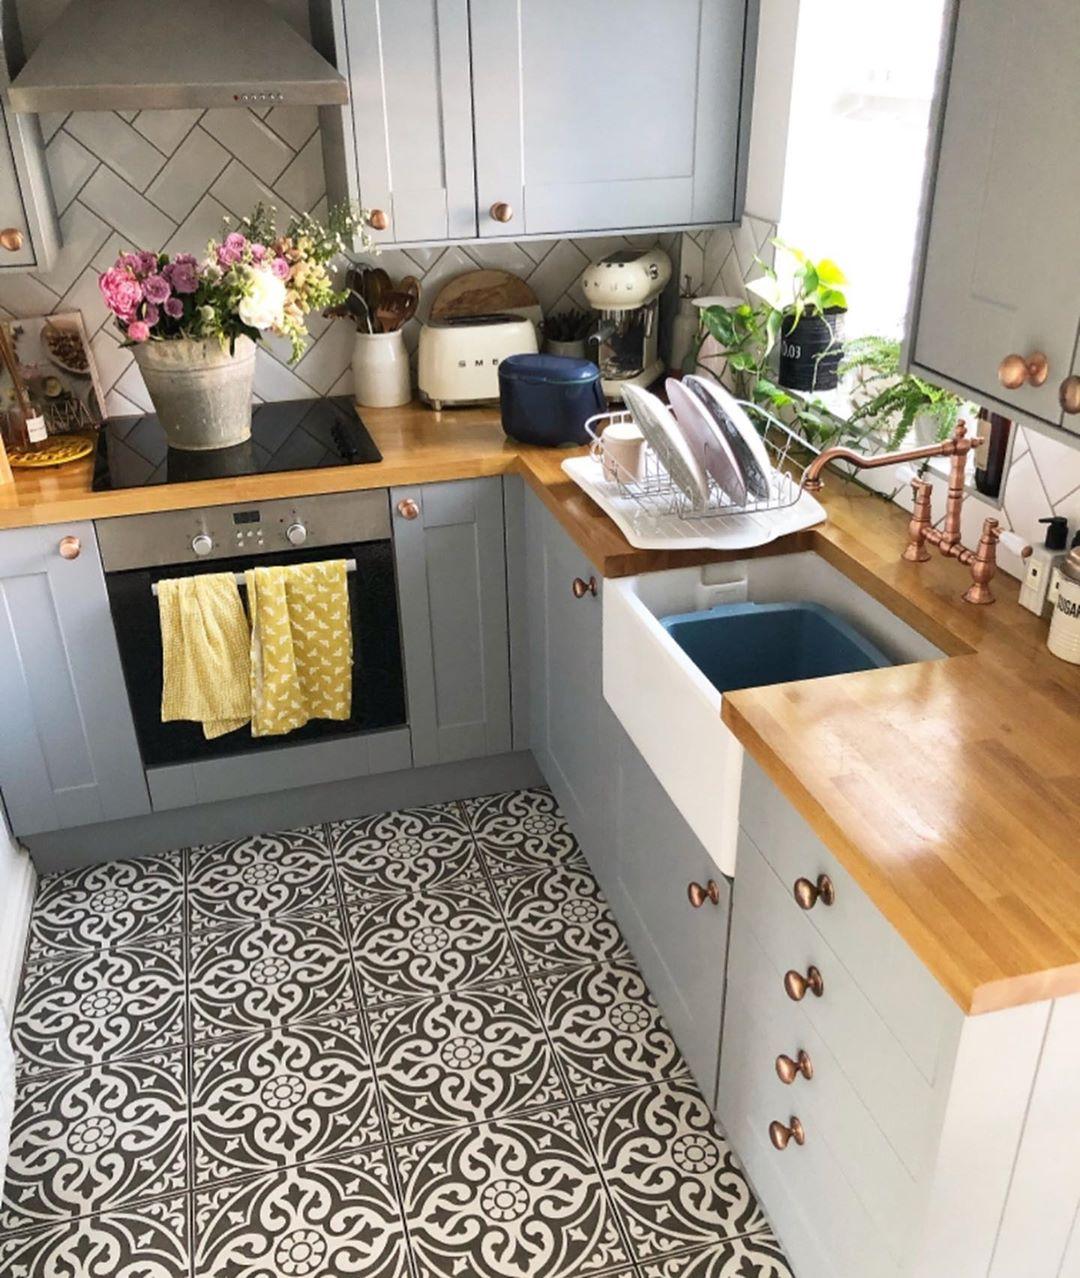 20 Small Kitchen Ideas To Open